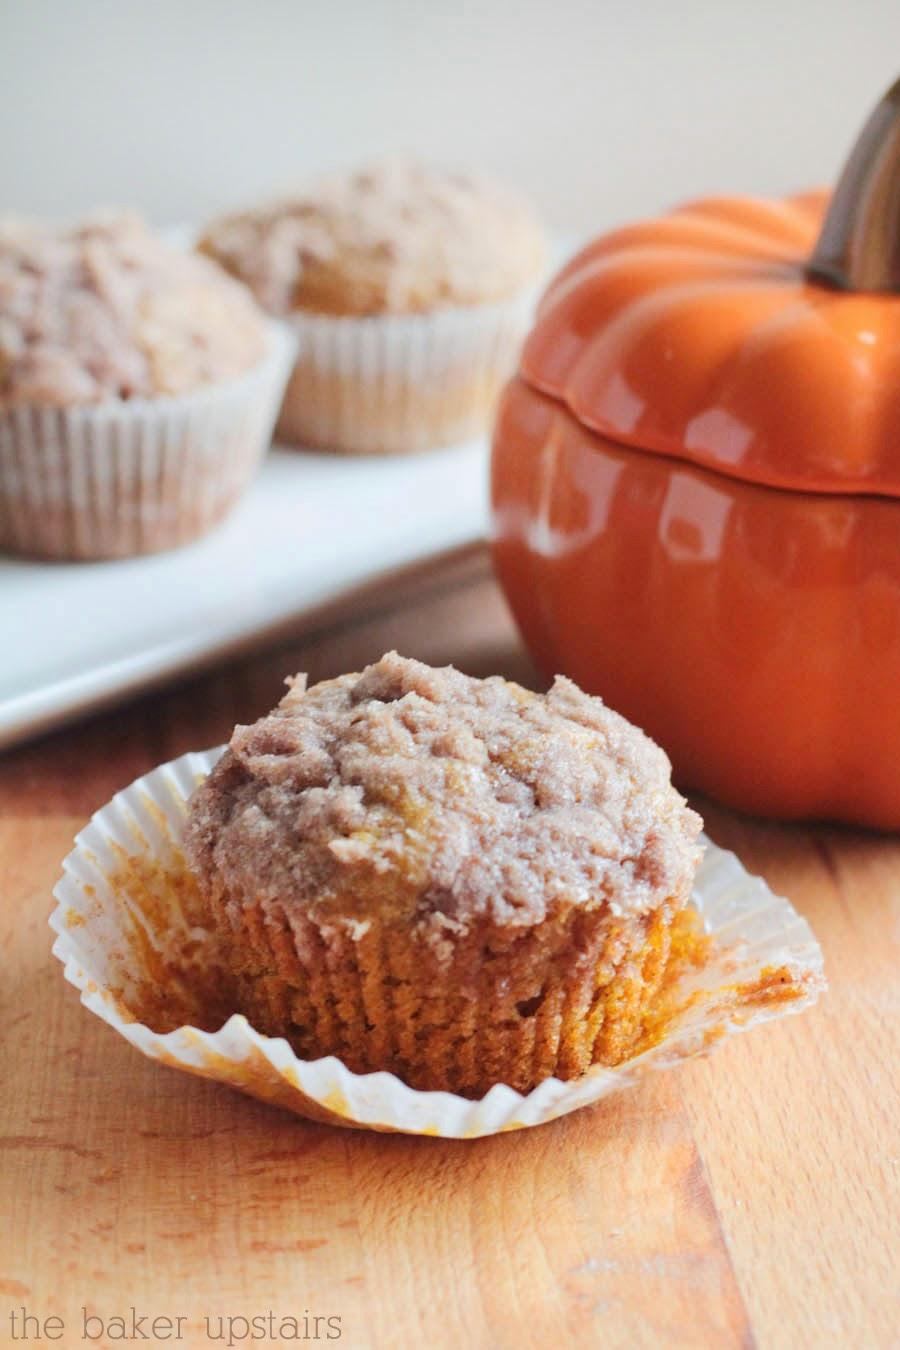 The Baker Upstairs: pumpkin cream cheese muffins